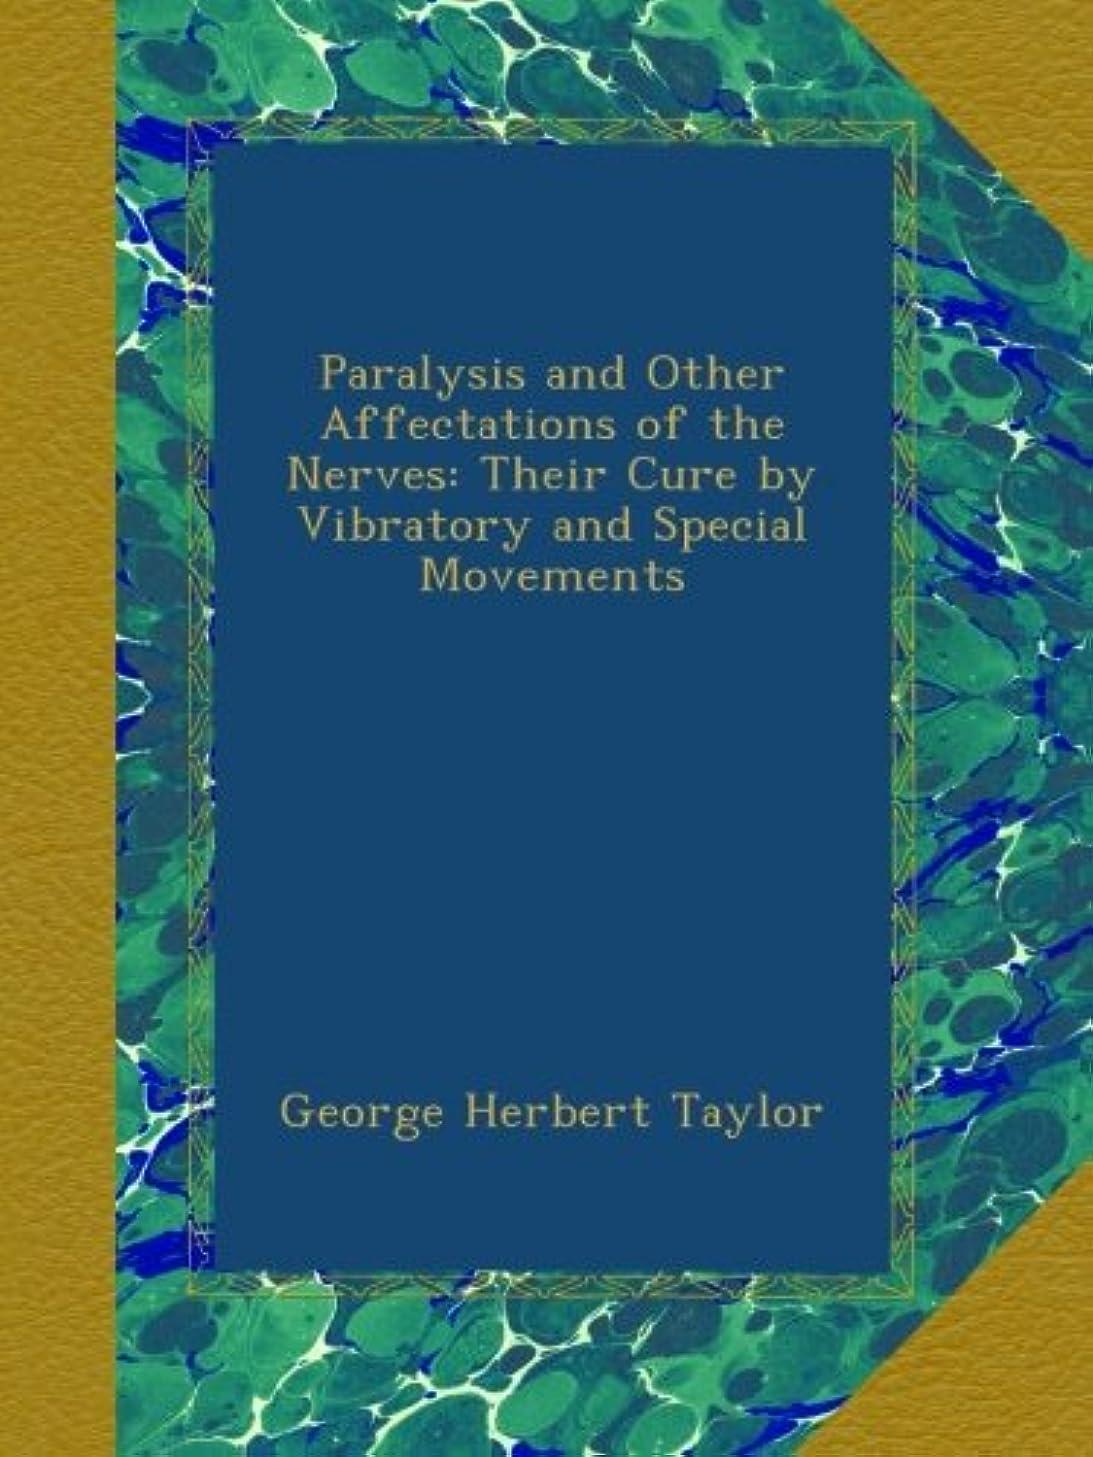 はさみいとこ合成Paralysis and Other Affectations of the Nerves: Their Cure by Vibratory and Special Movements